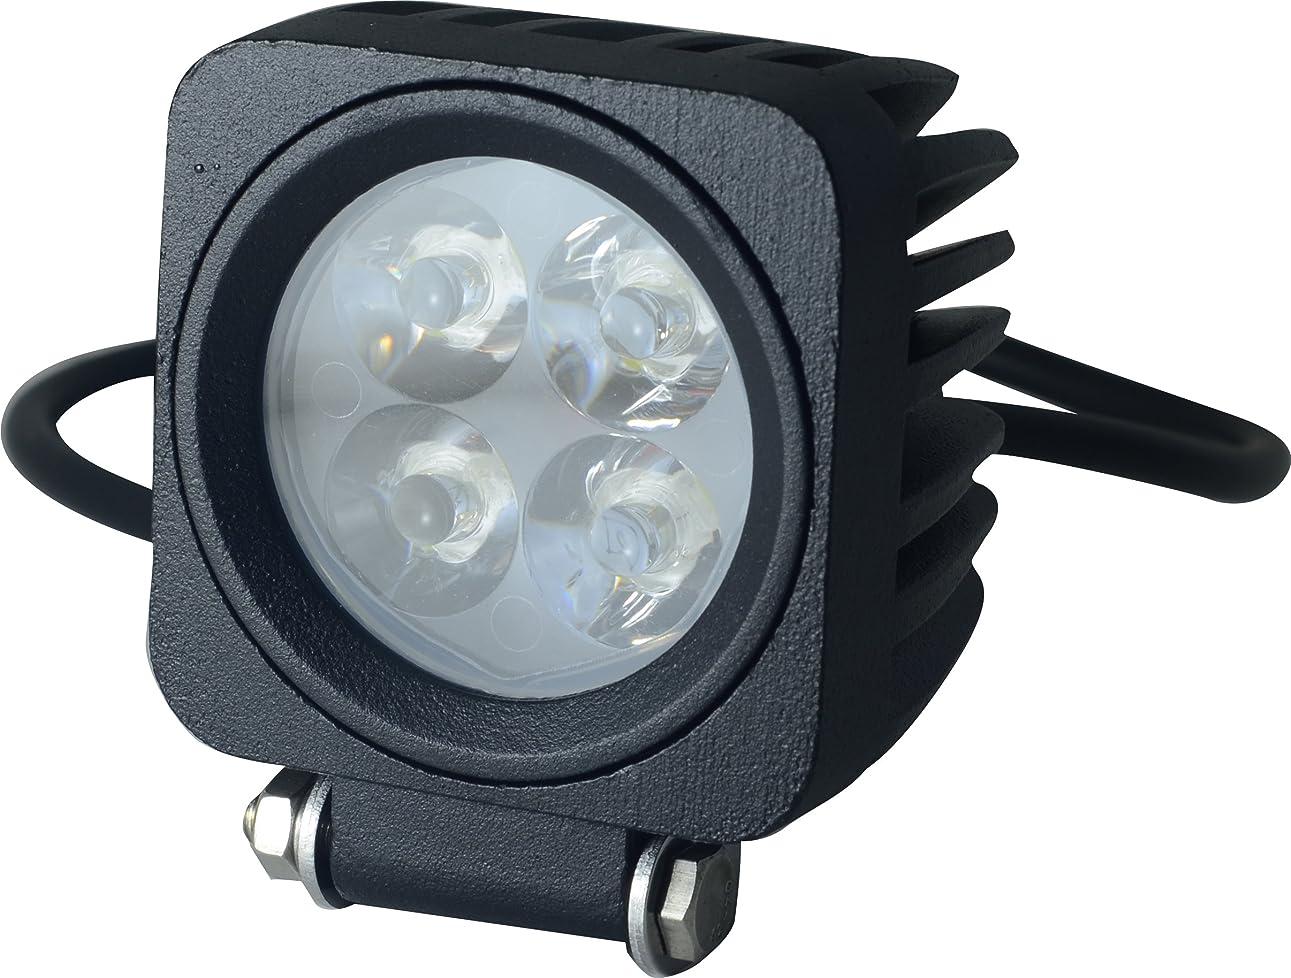 却下する慈悲深い過敏なSEIKOH LEDワークライト 高輝度 12W 4連 12V 24V対応 6000k 角型 汎用 広角タイプ 防水仕様